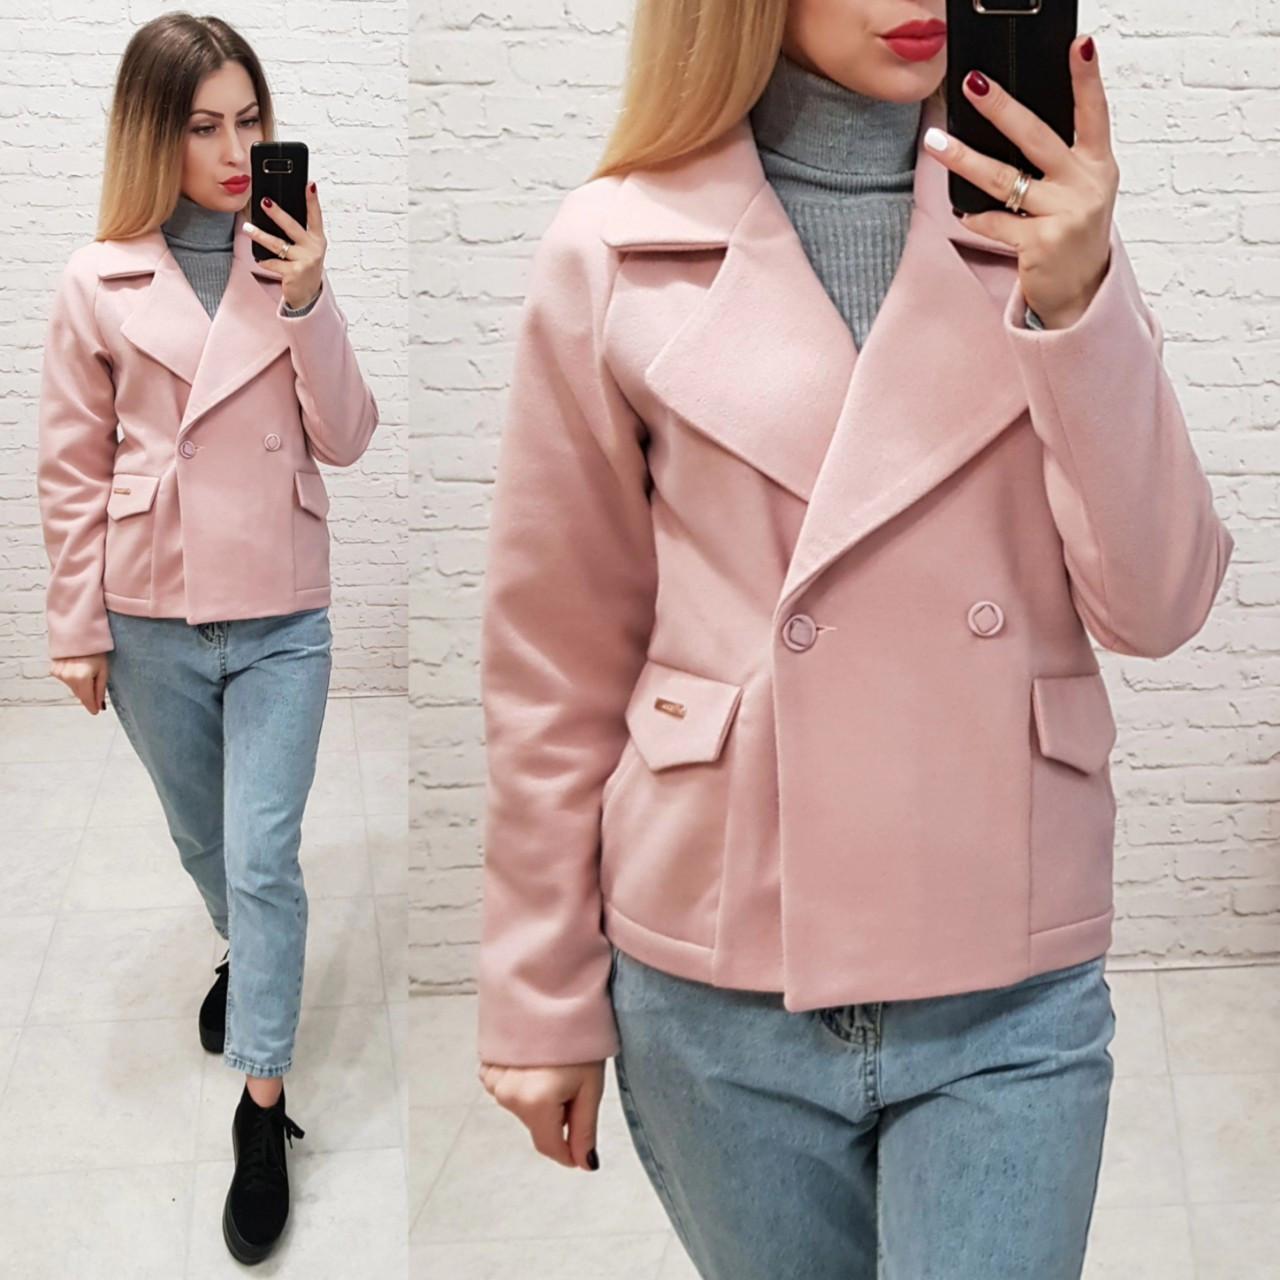 Пальто кашемировое с капюшоном, модель 826, цвет - розовый